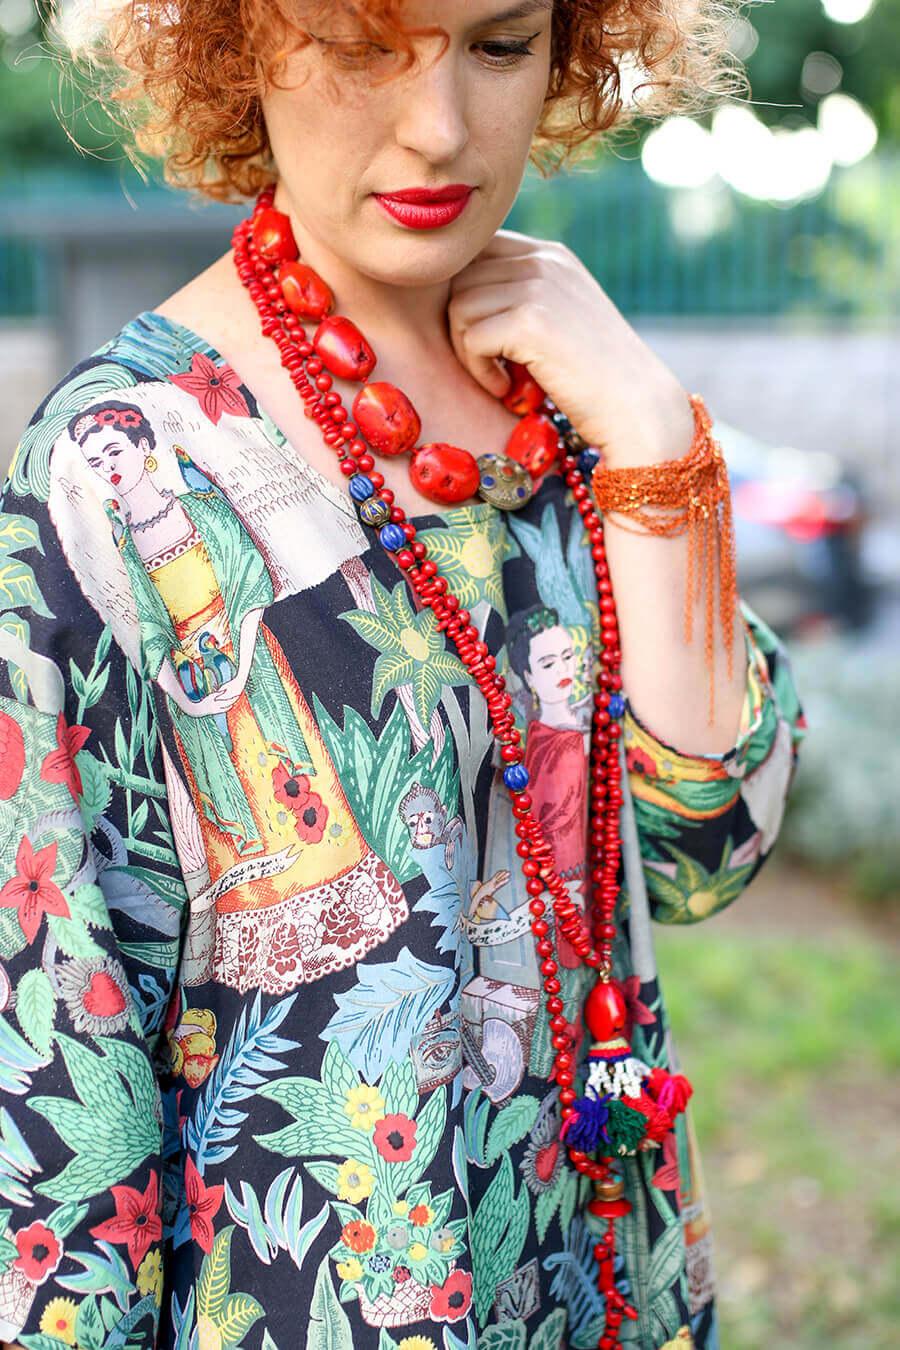 לבוש בסגנון צועני